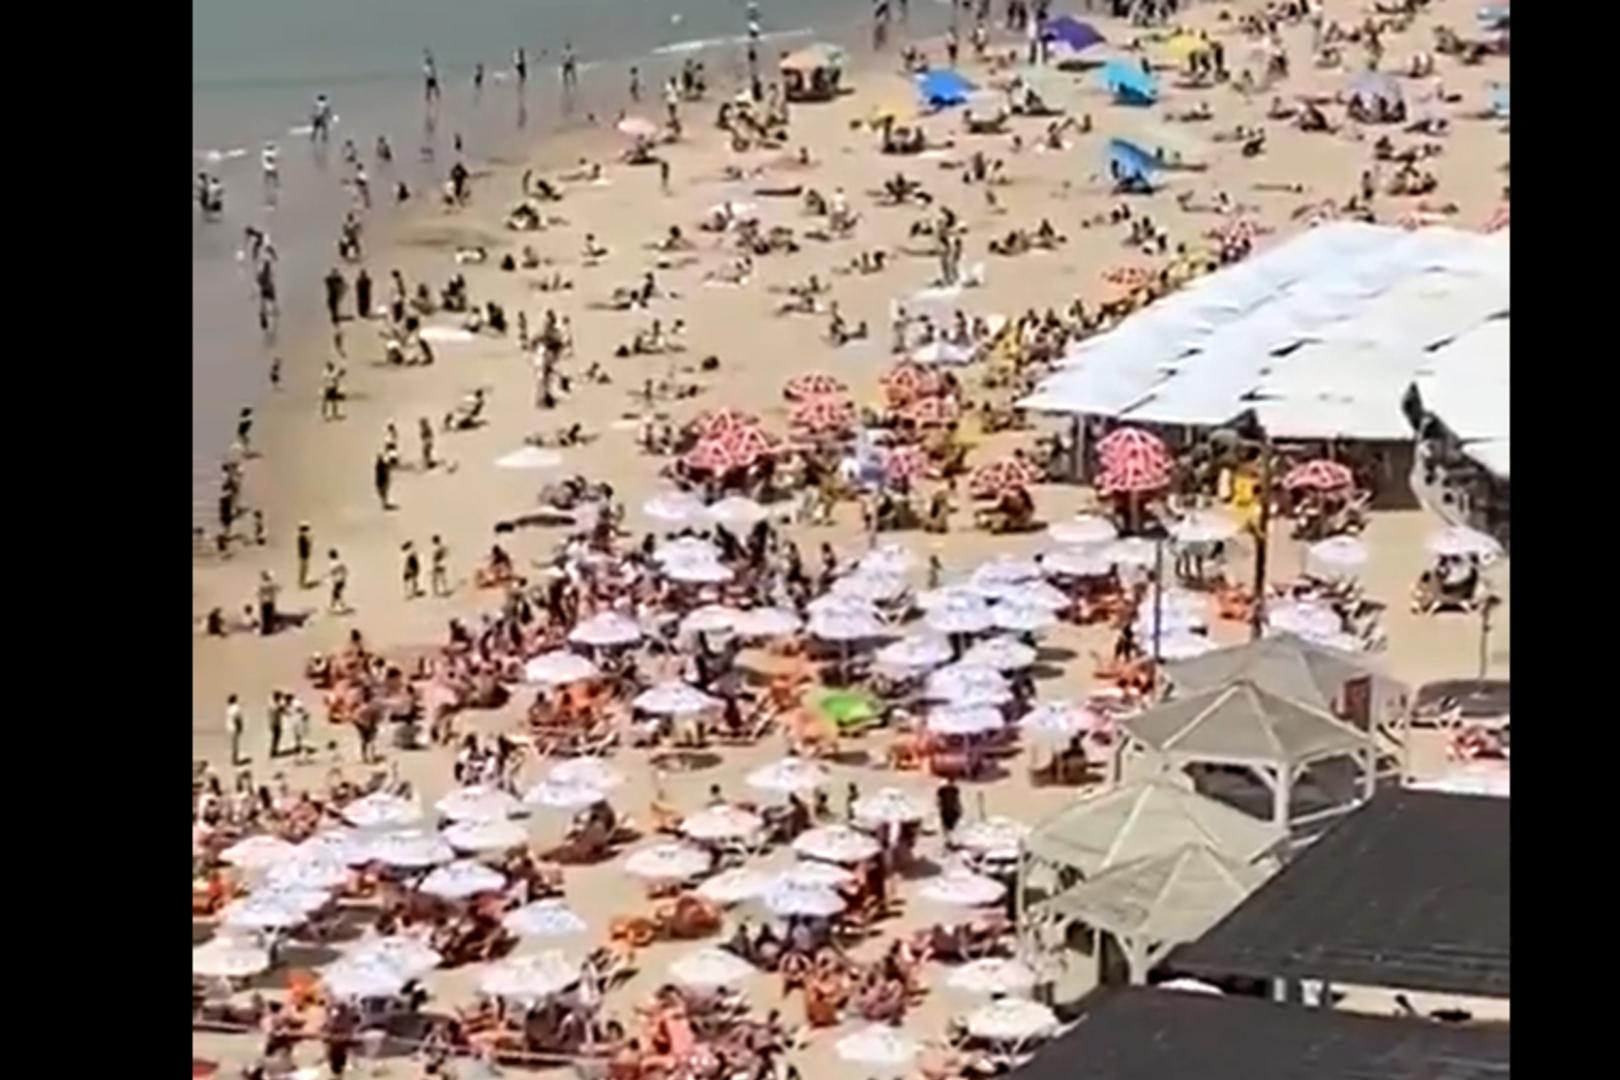 Izrael luzuje restrykcje. Ludzie wyszli na plaże